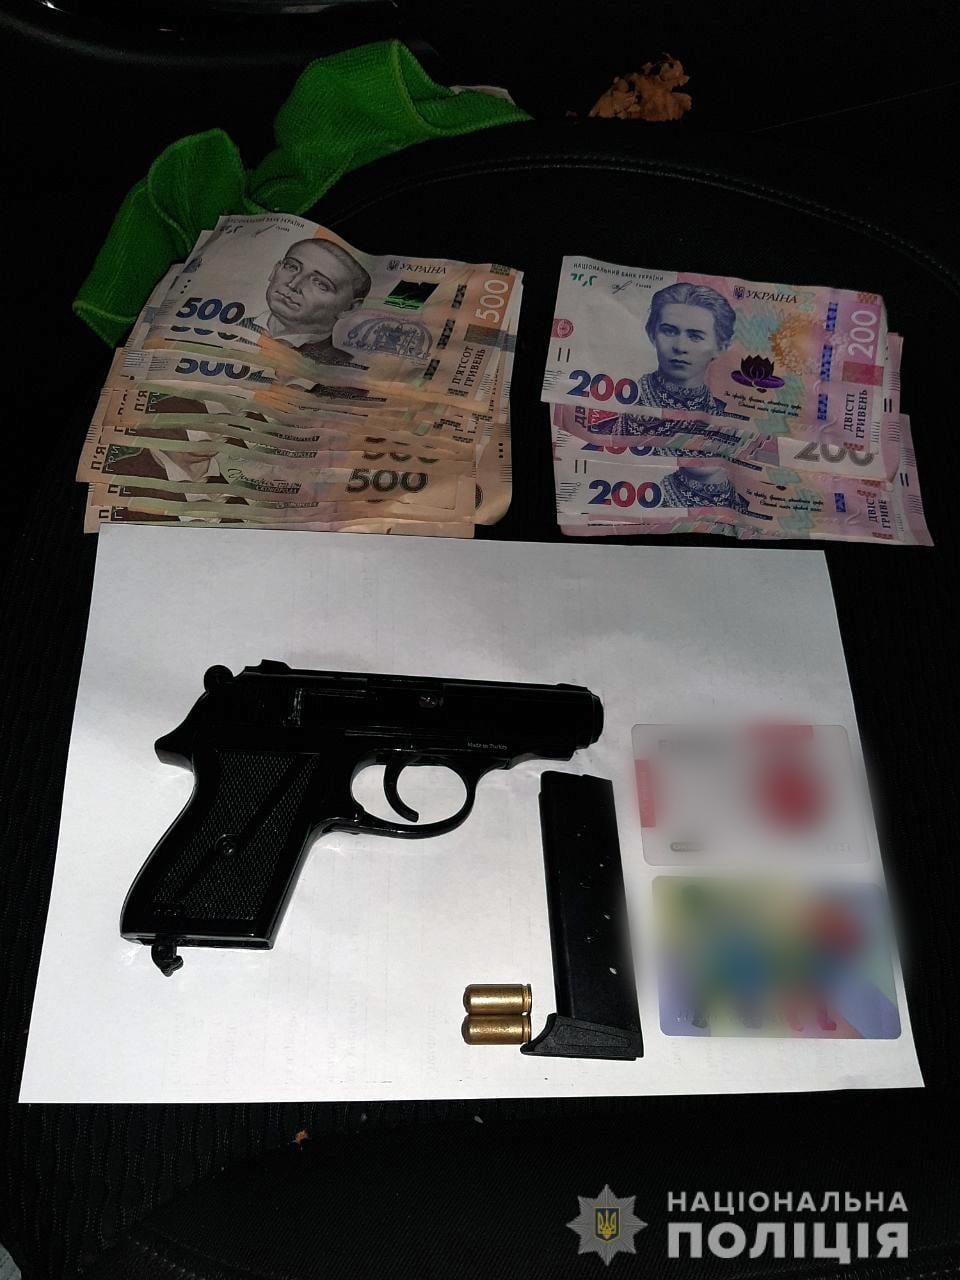 Обікрали за 4 хвилини: у Чернігові затримали двох озброєних чоловіків за підозрою в квартирній крадіжці. ФОТО